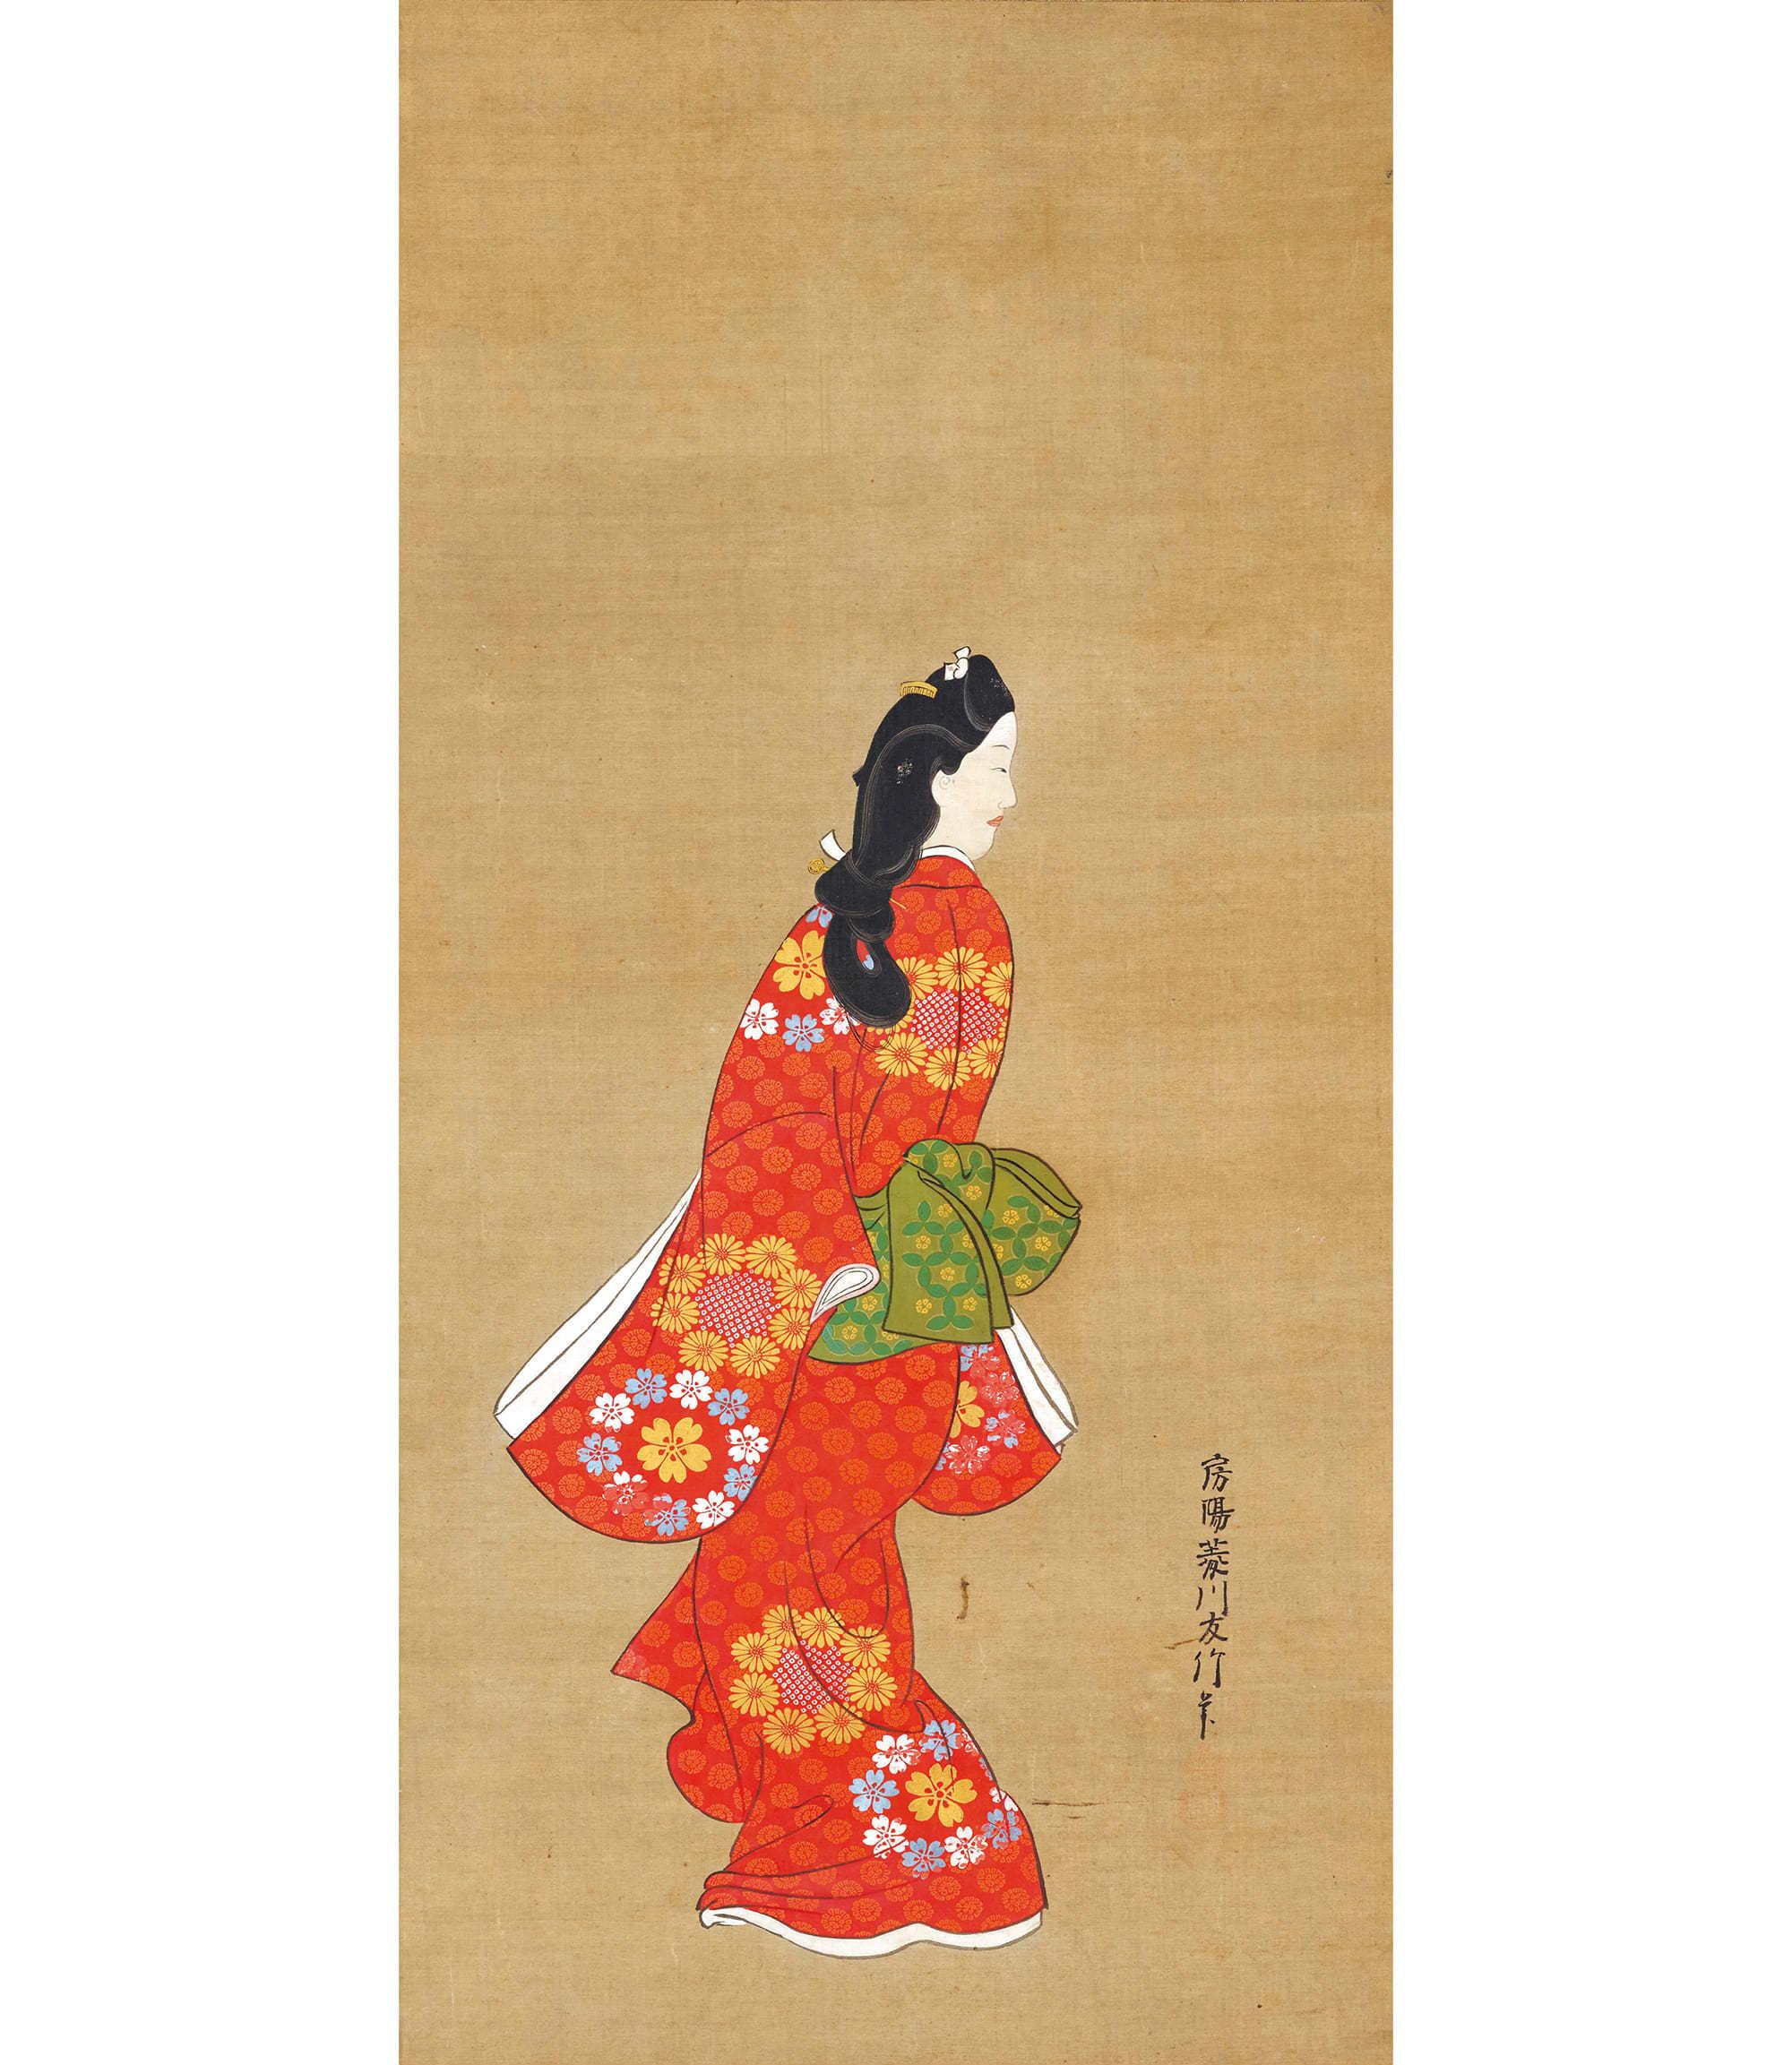 見返り美人図  菱川師宣筆 江戸時代・17世紀、東京国立博物館蔵